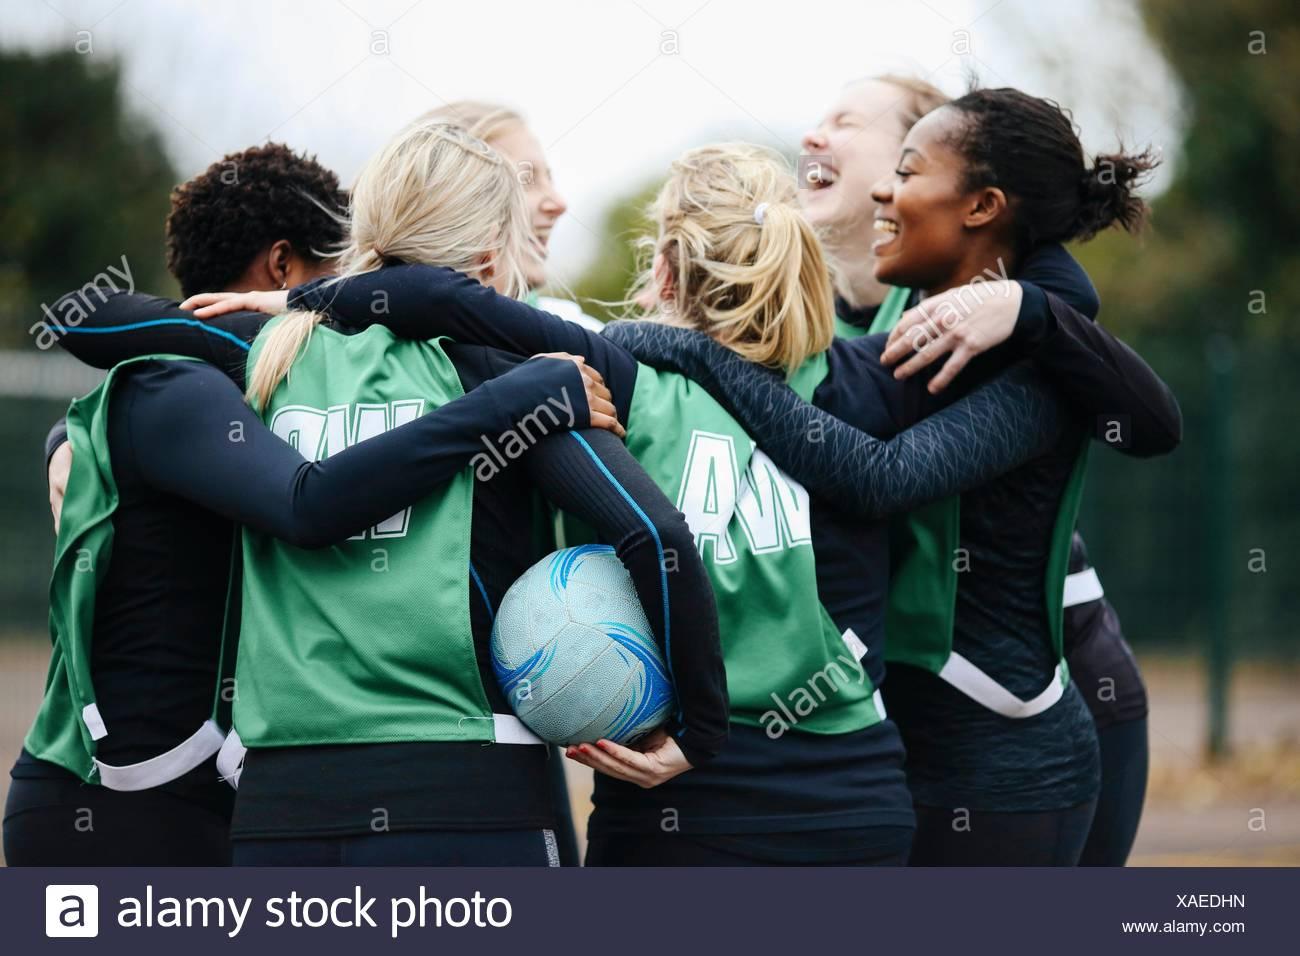 Female netball team celebrating in huddle on netball court - Stock Image